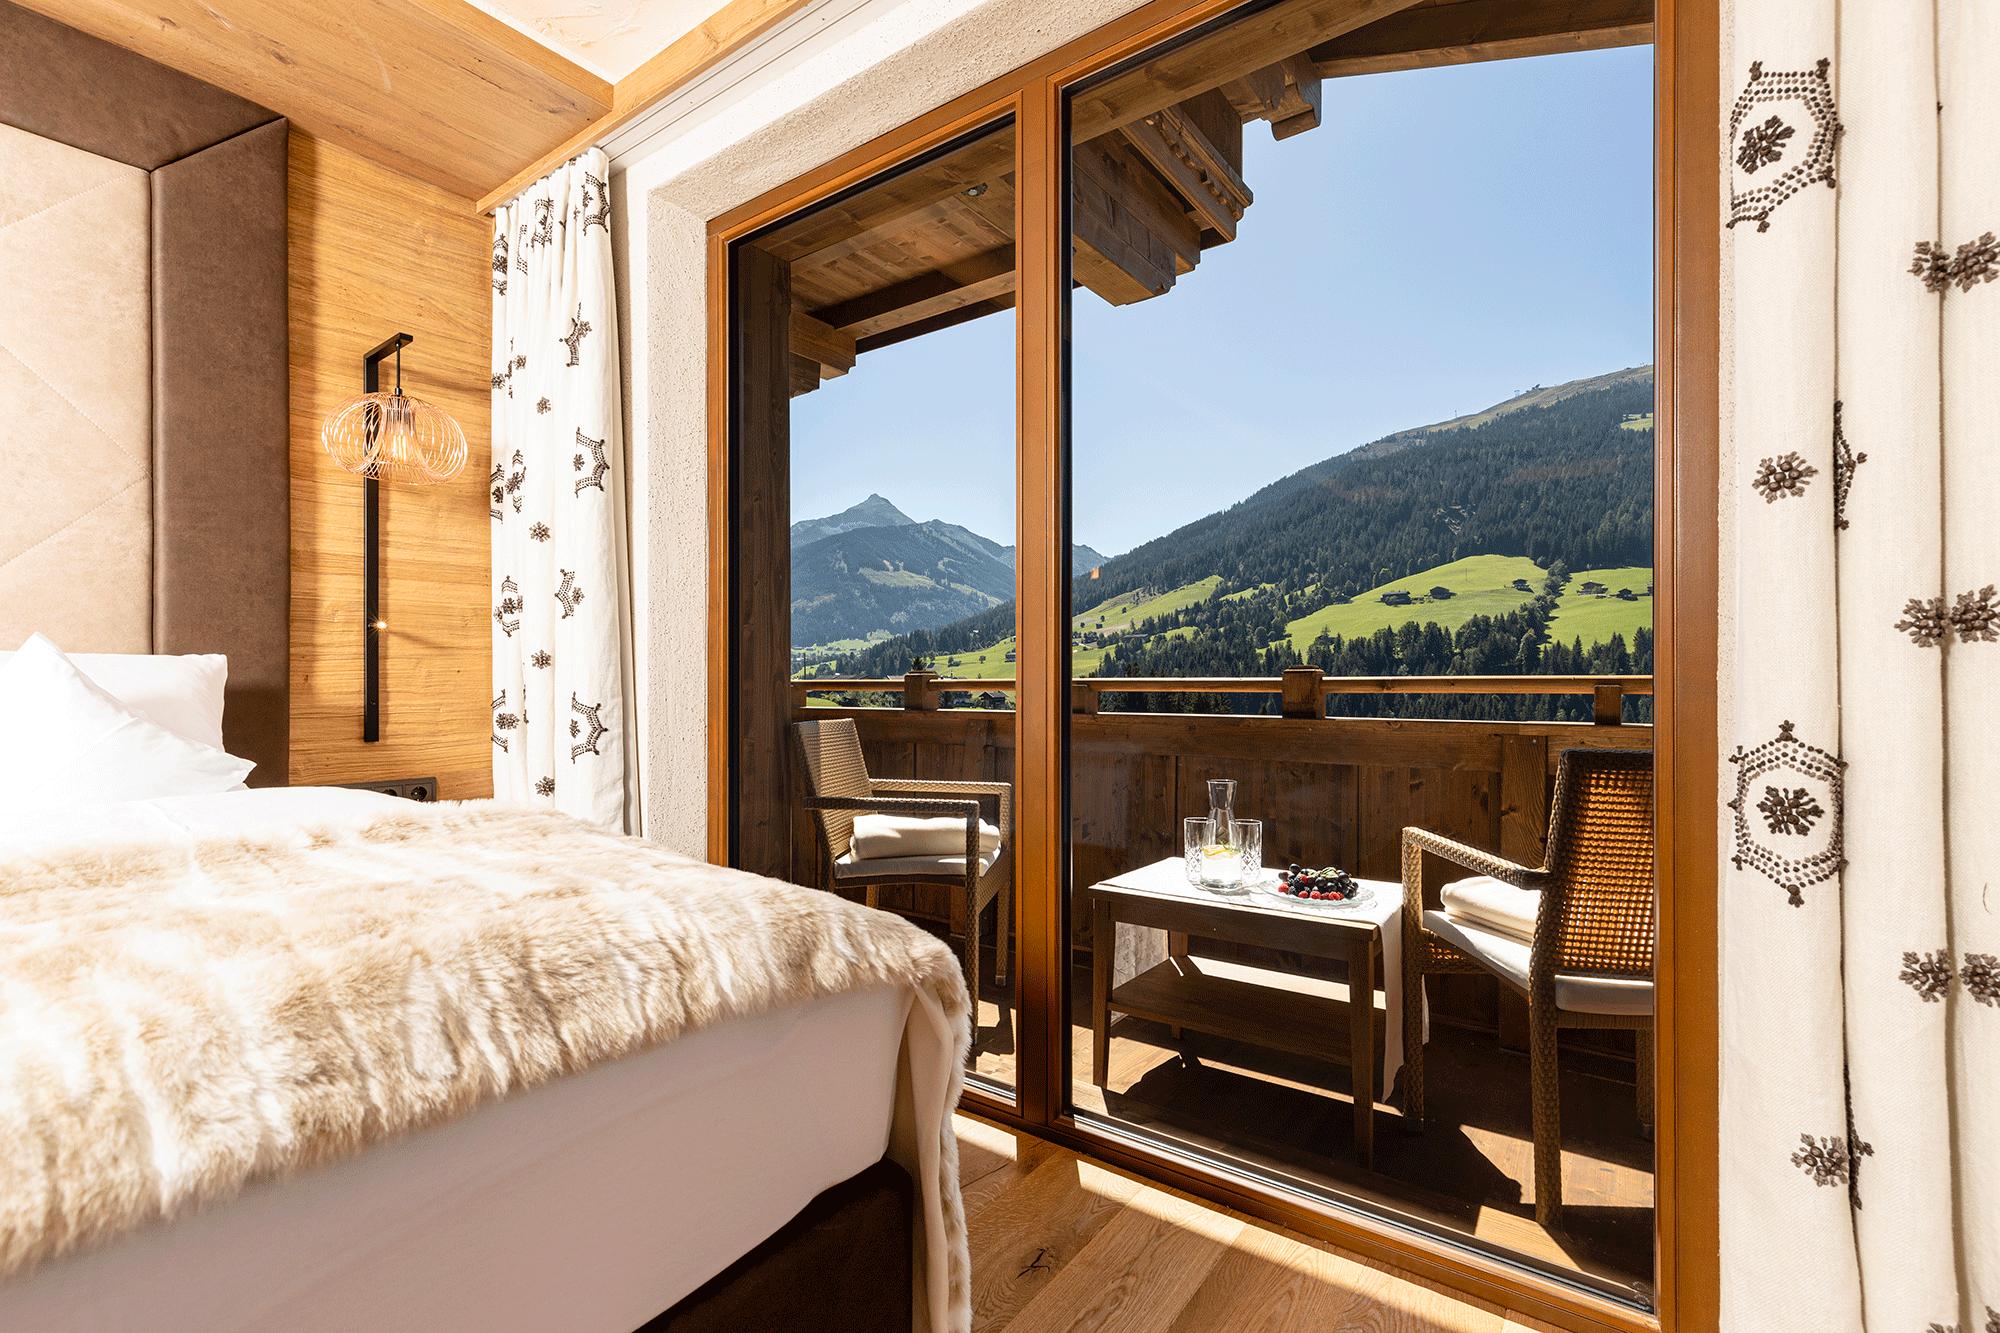 Familiensuite Traumblick Ausblick auf die Bergwelt im Familienhotel Alpbacherhof im Alpbachtal